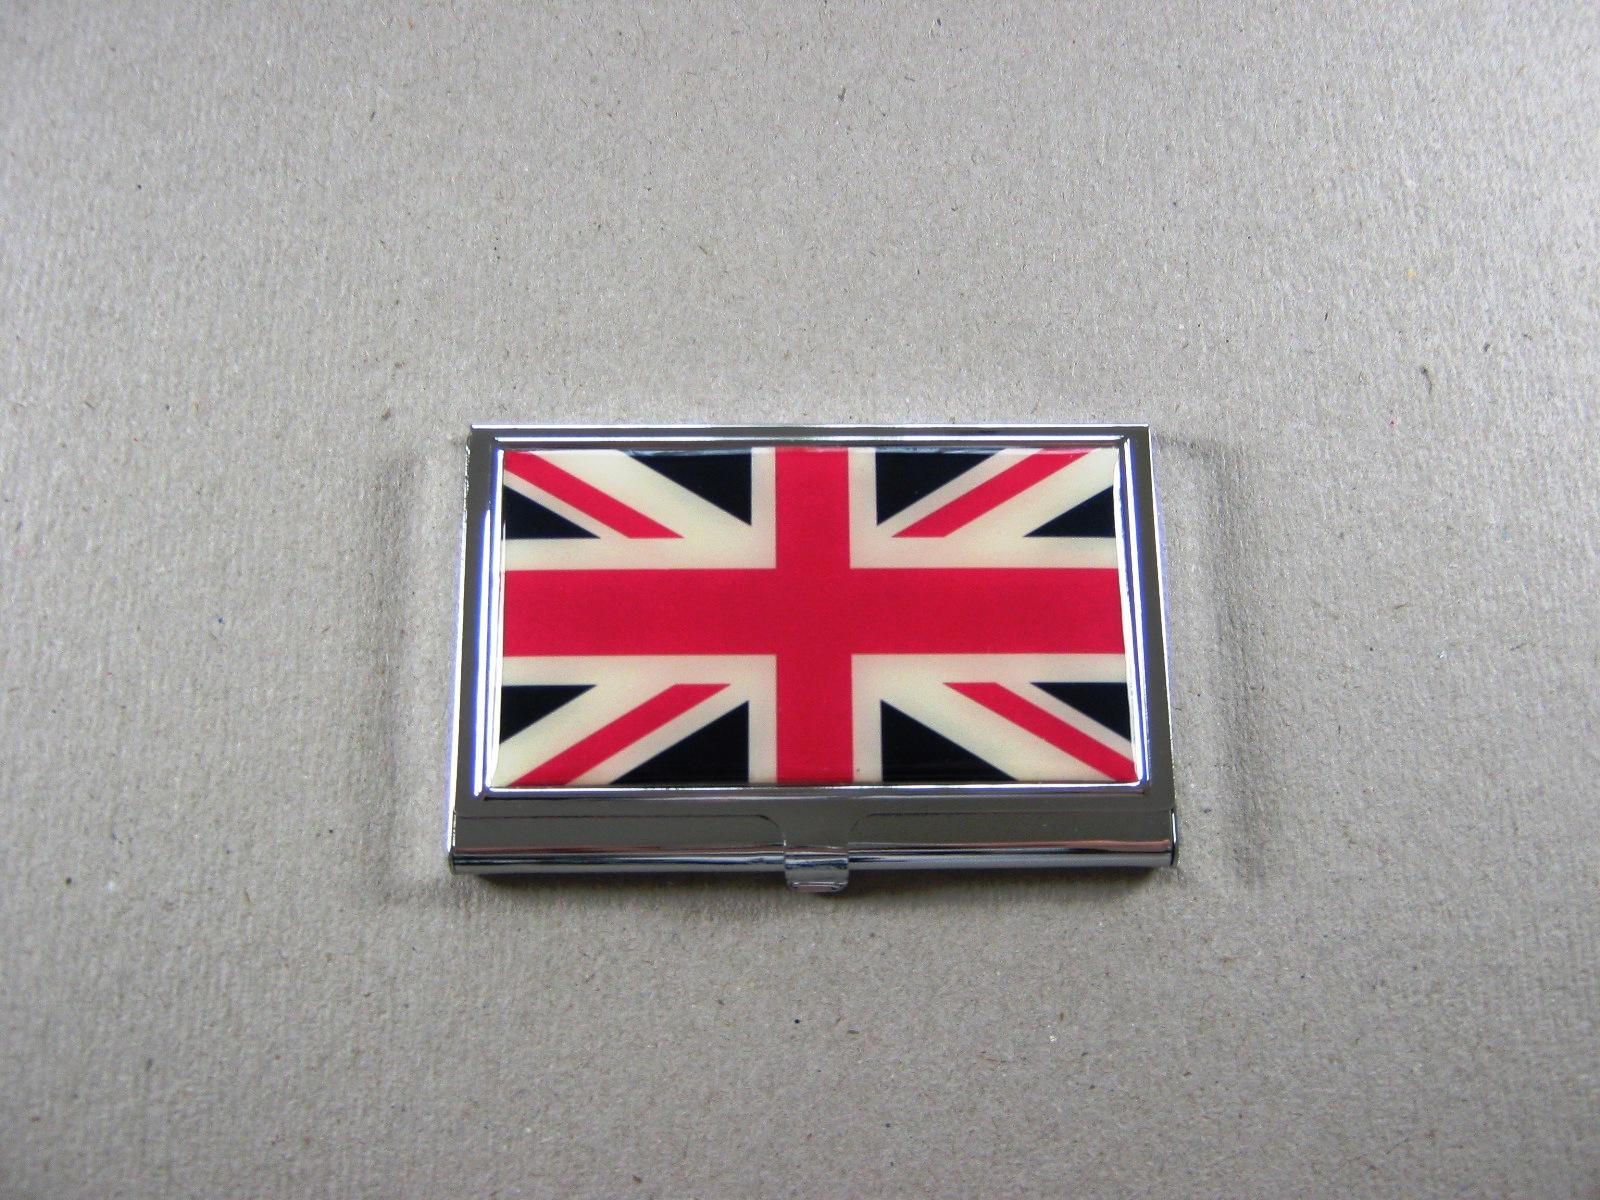 Designing Britain